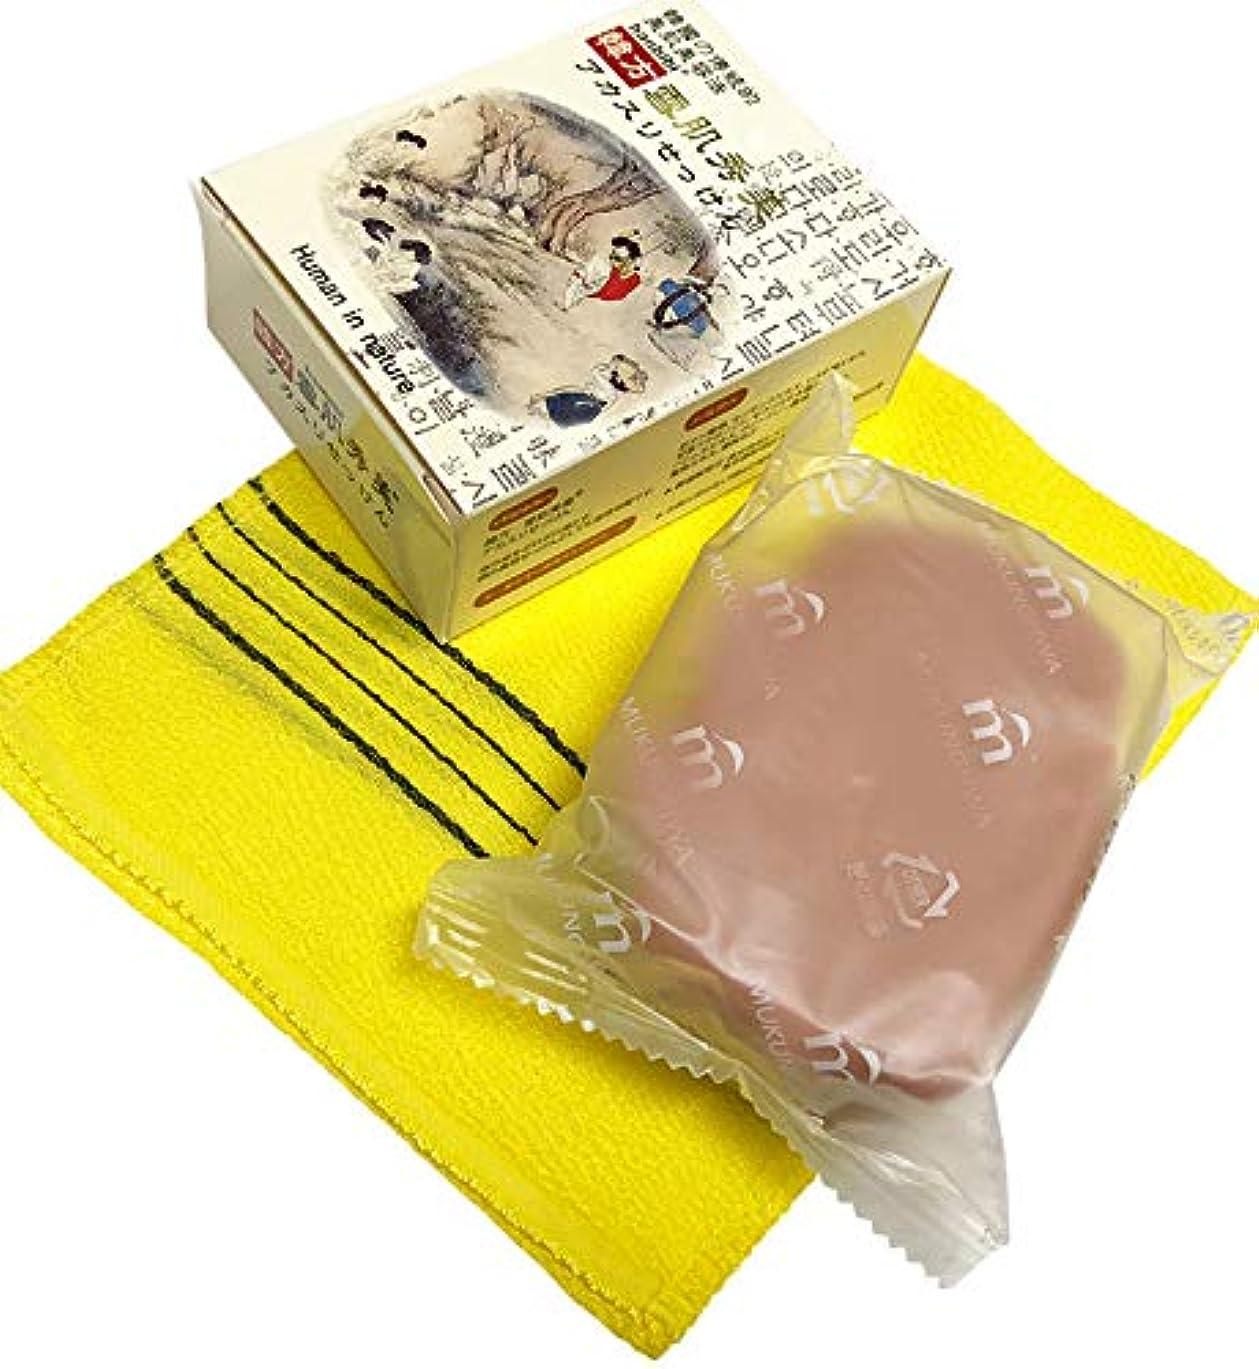 焦げ誓うウール人気の顔、体兼用、蜂蜜香りの韓方石ケン、韓国コスメ 韓方[雪肌美]蜂蜜アカスリせっけん アカスリ専用タオル付き